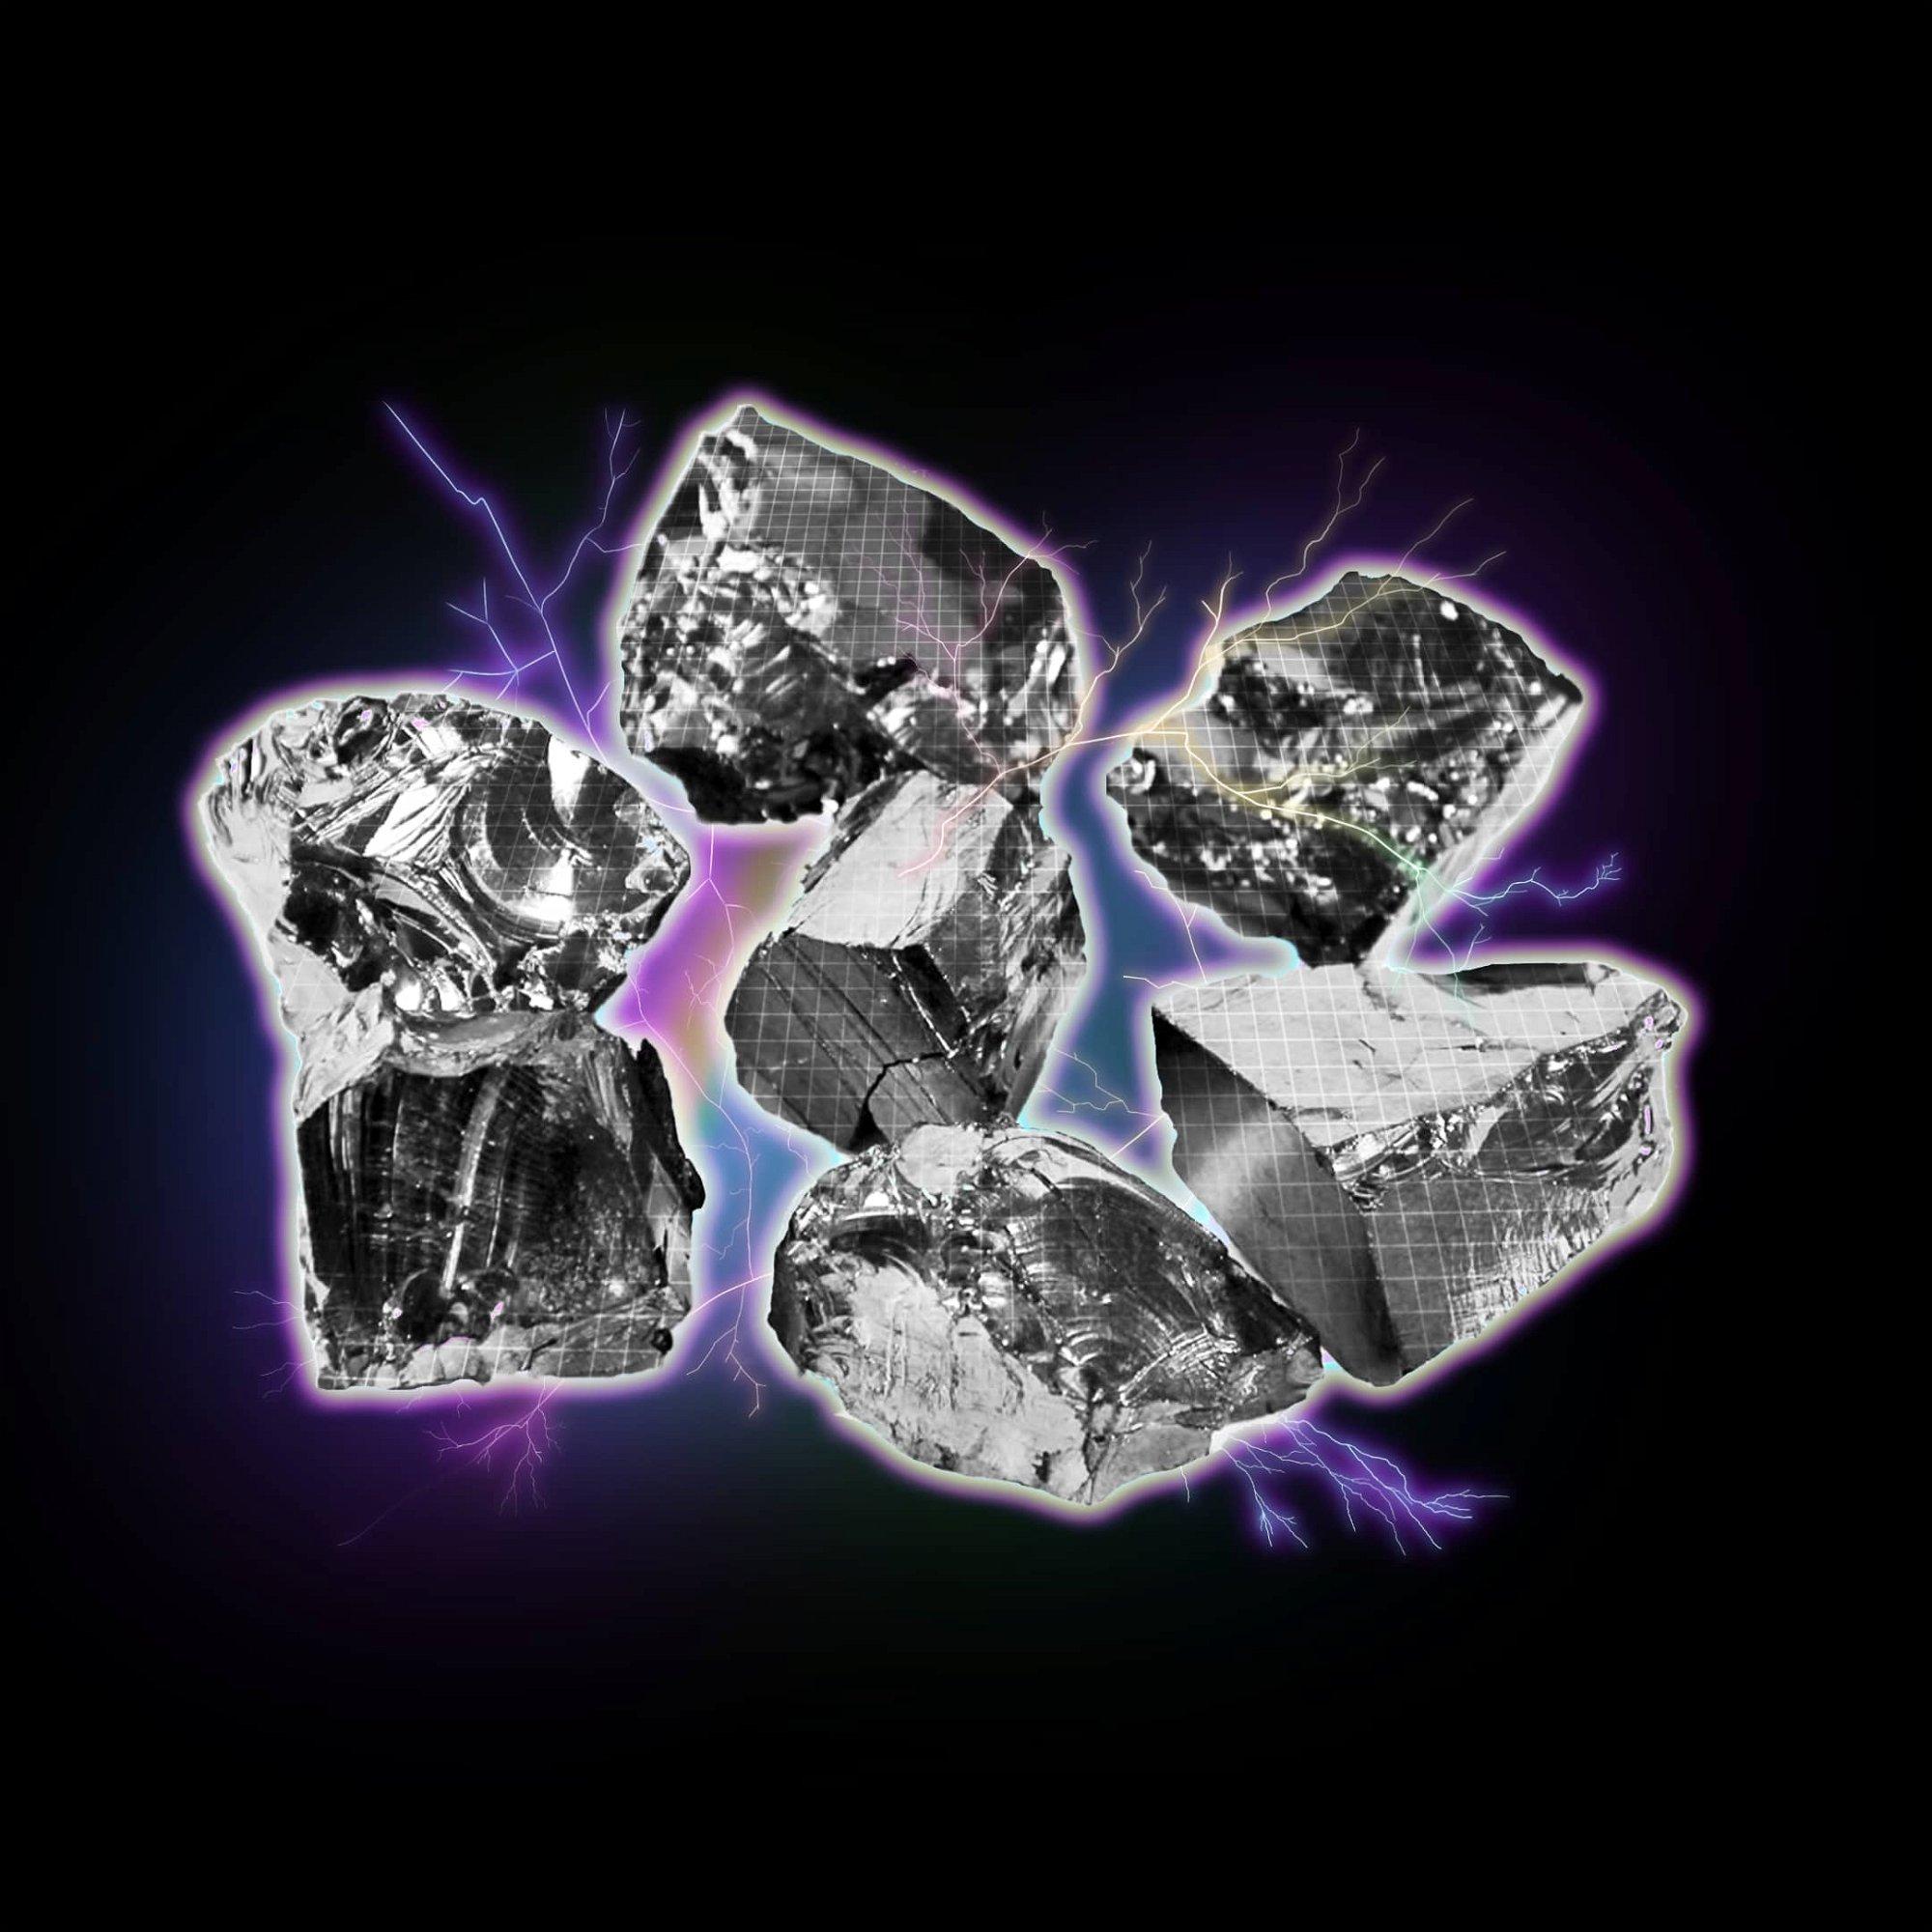 elite shungite c60 fullerene